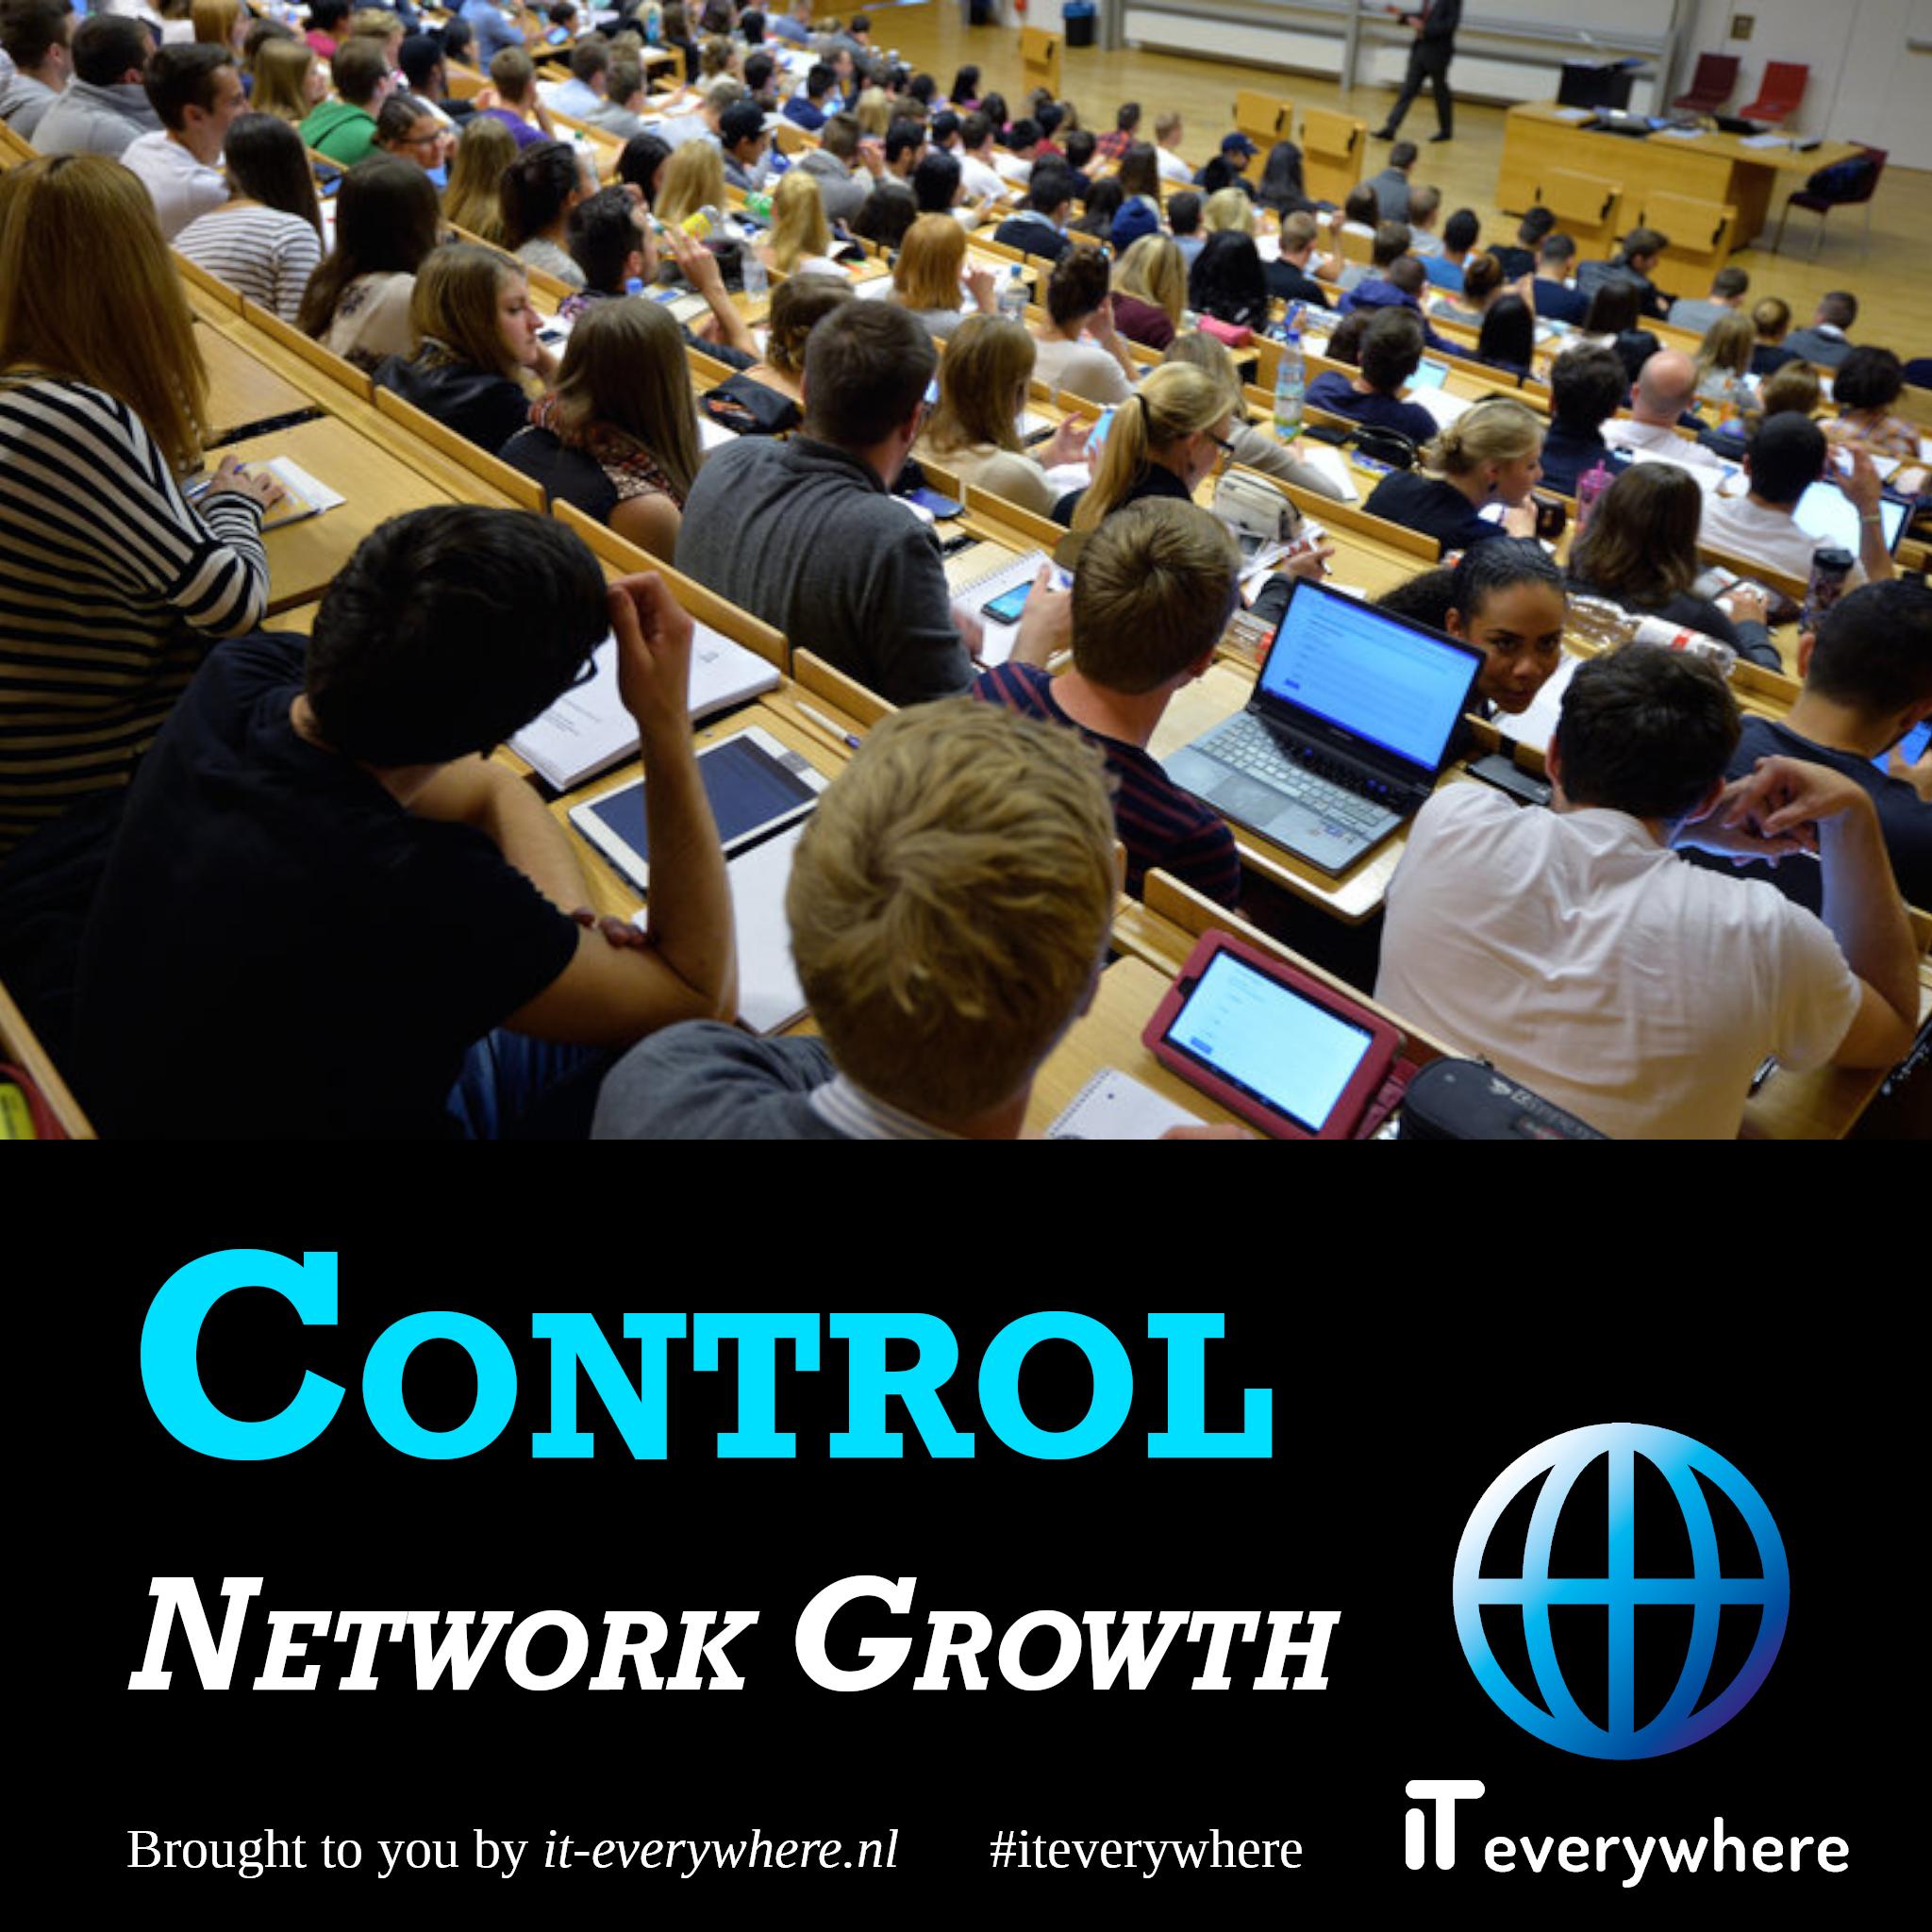 Met behulp van subnets controleer je gemakkelijk de groei van je netwerk